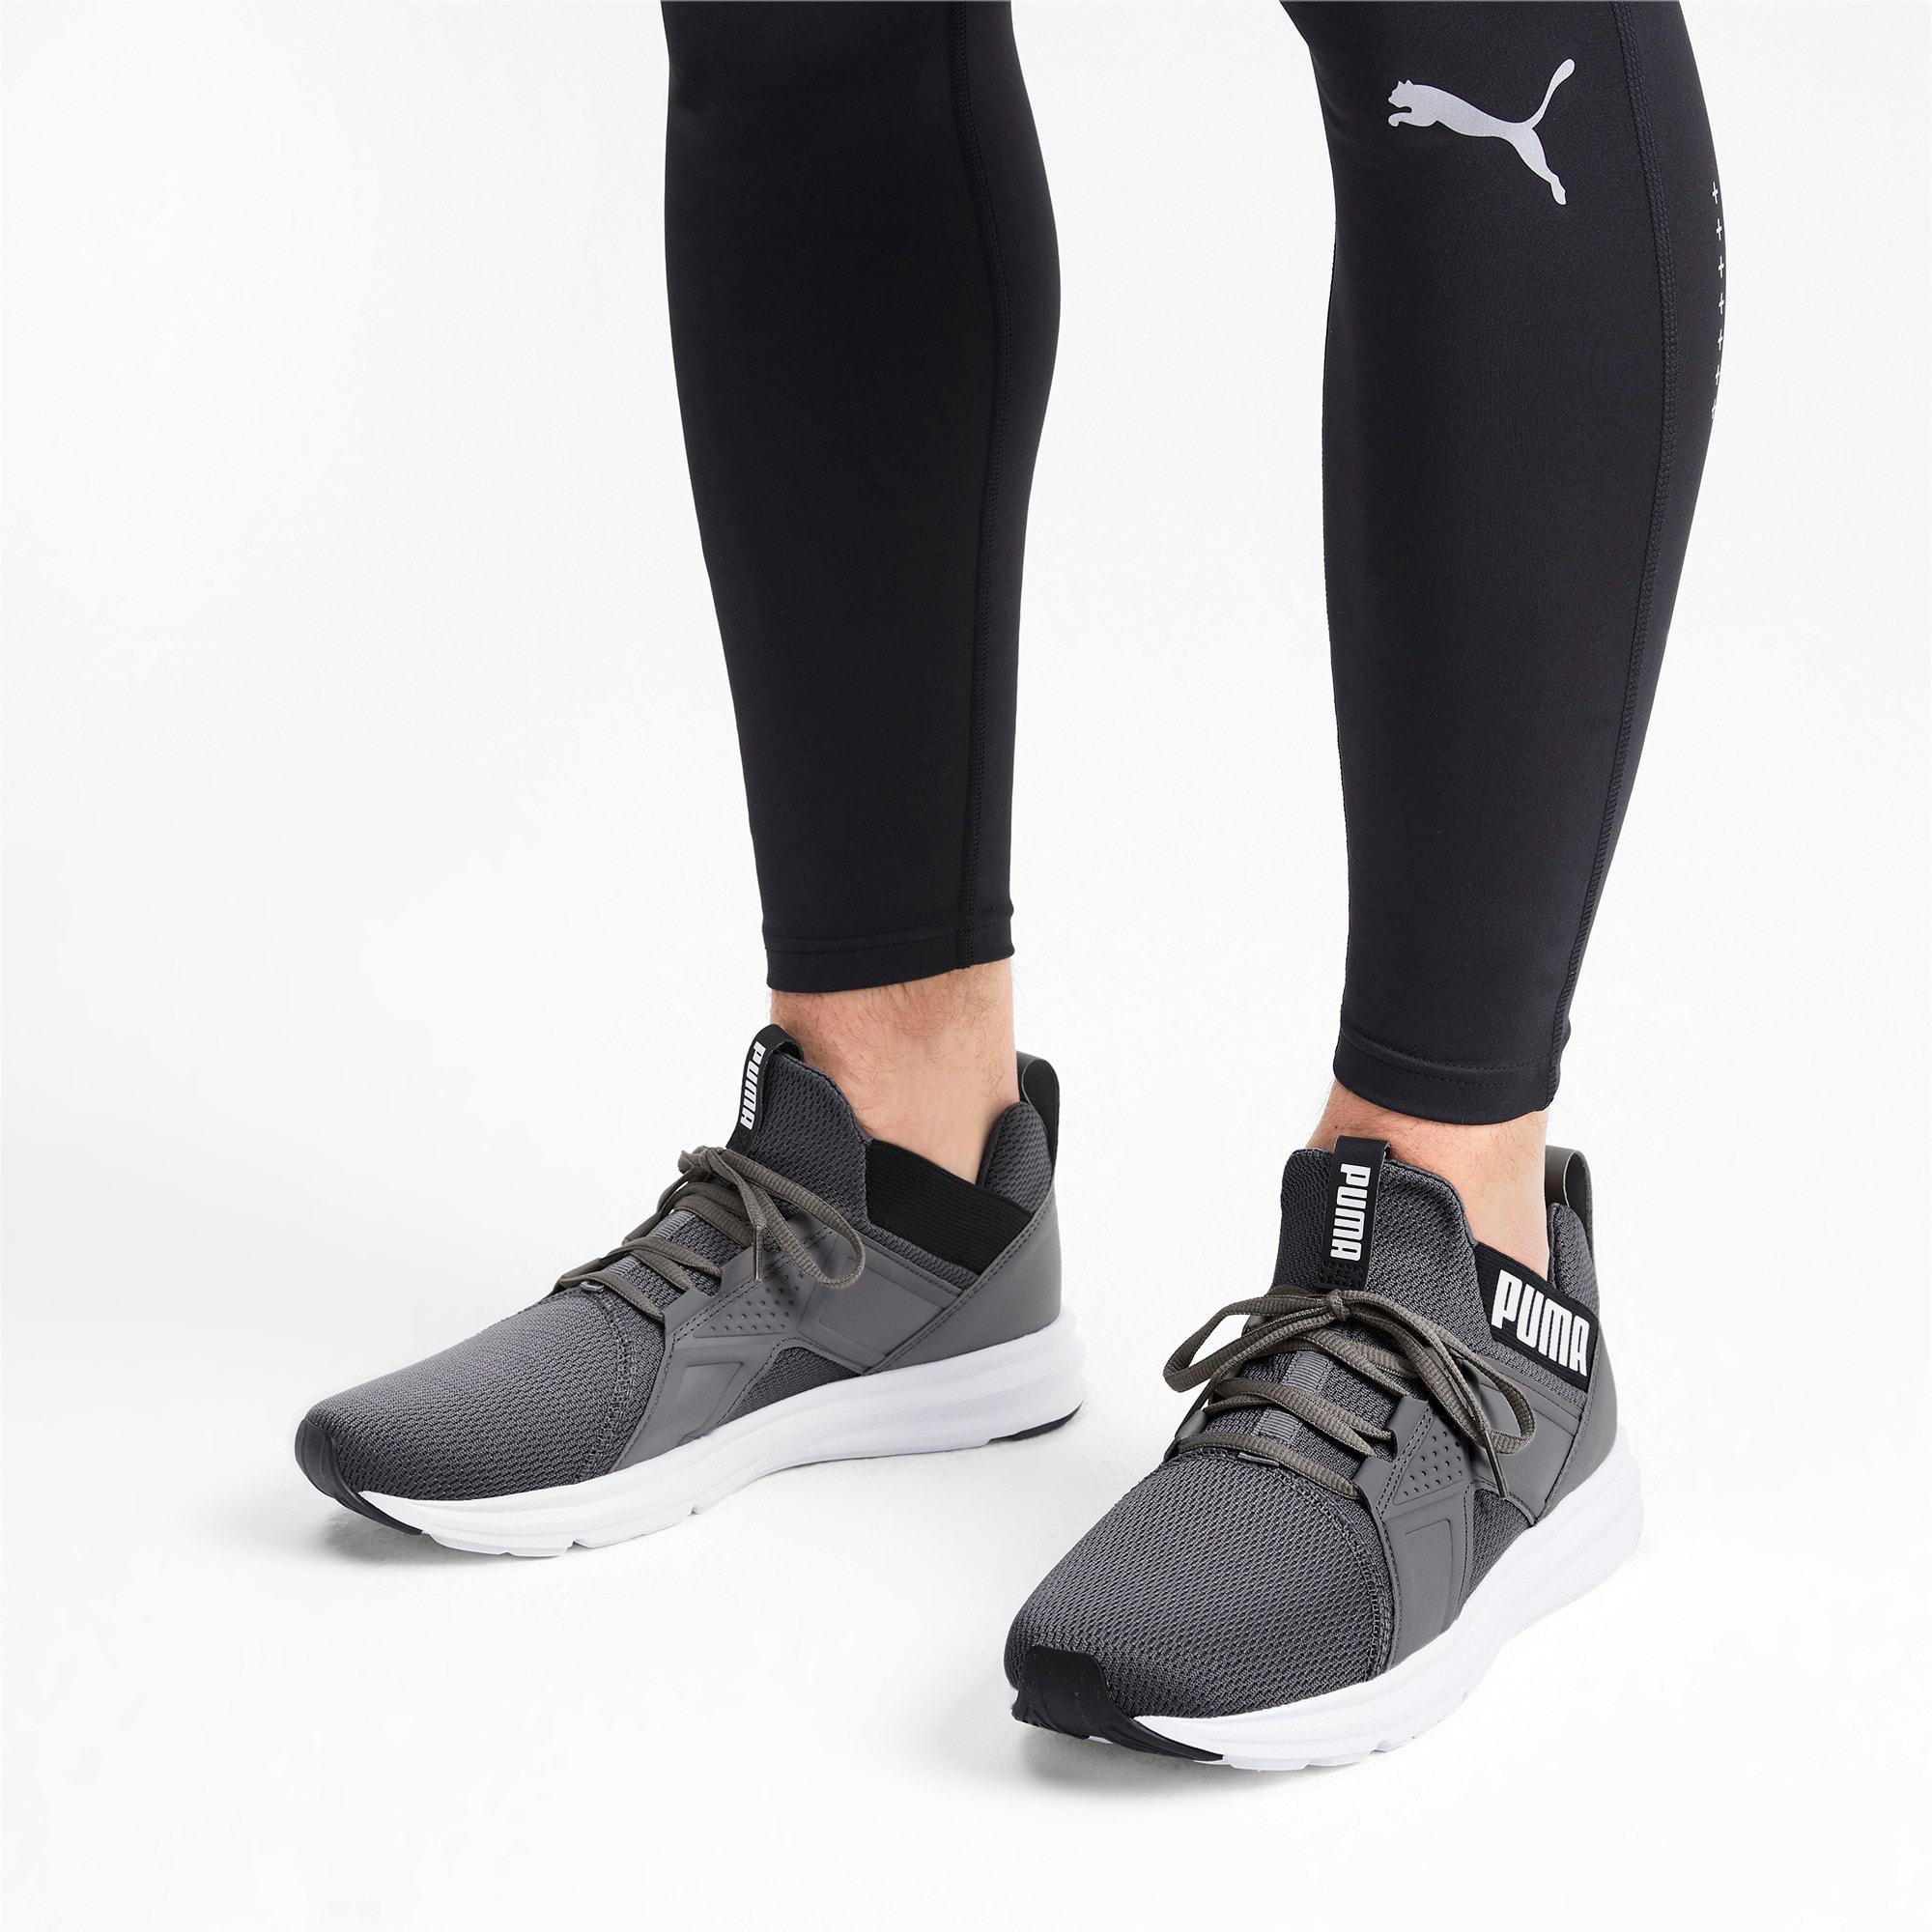 Miniatura 2 de Zapatos de entrenamiento Enzo Sport para hombre, CASTLEROCK-Puma Blk-Puma Wht, mediano